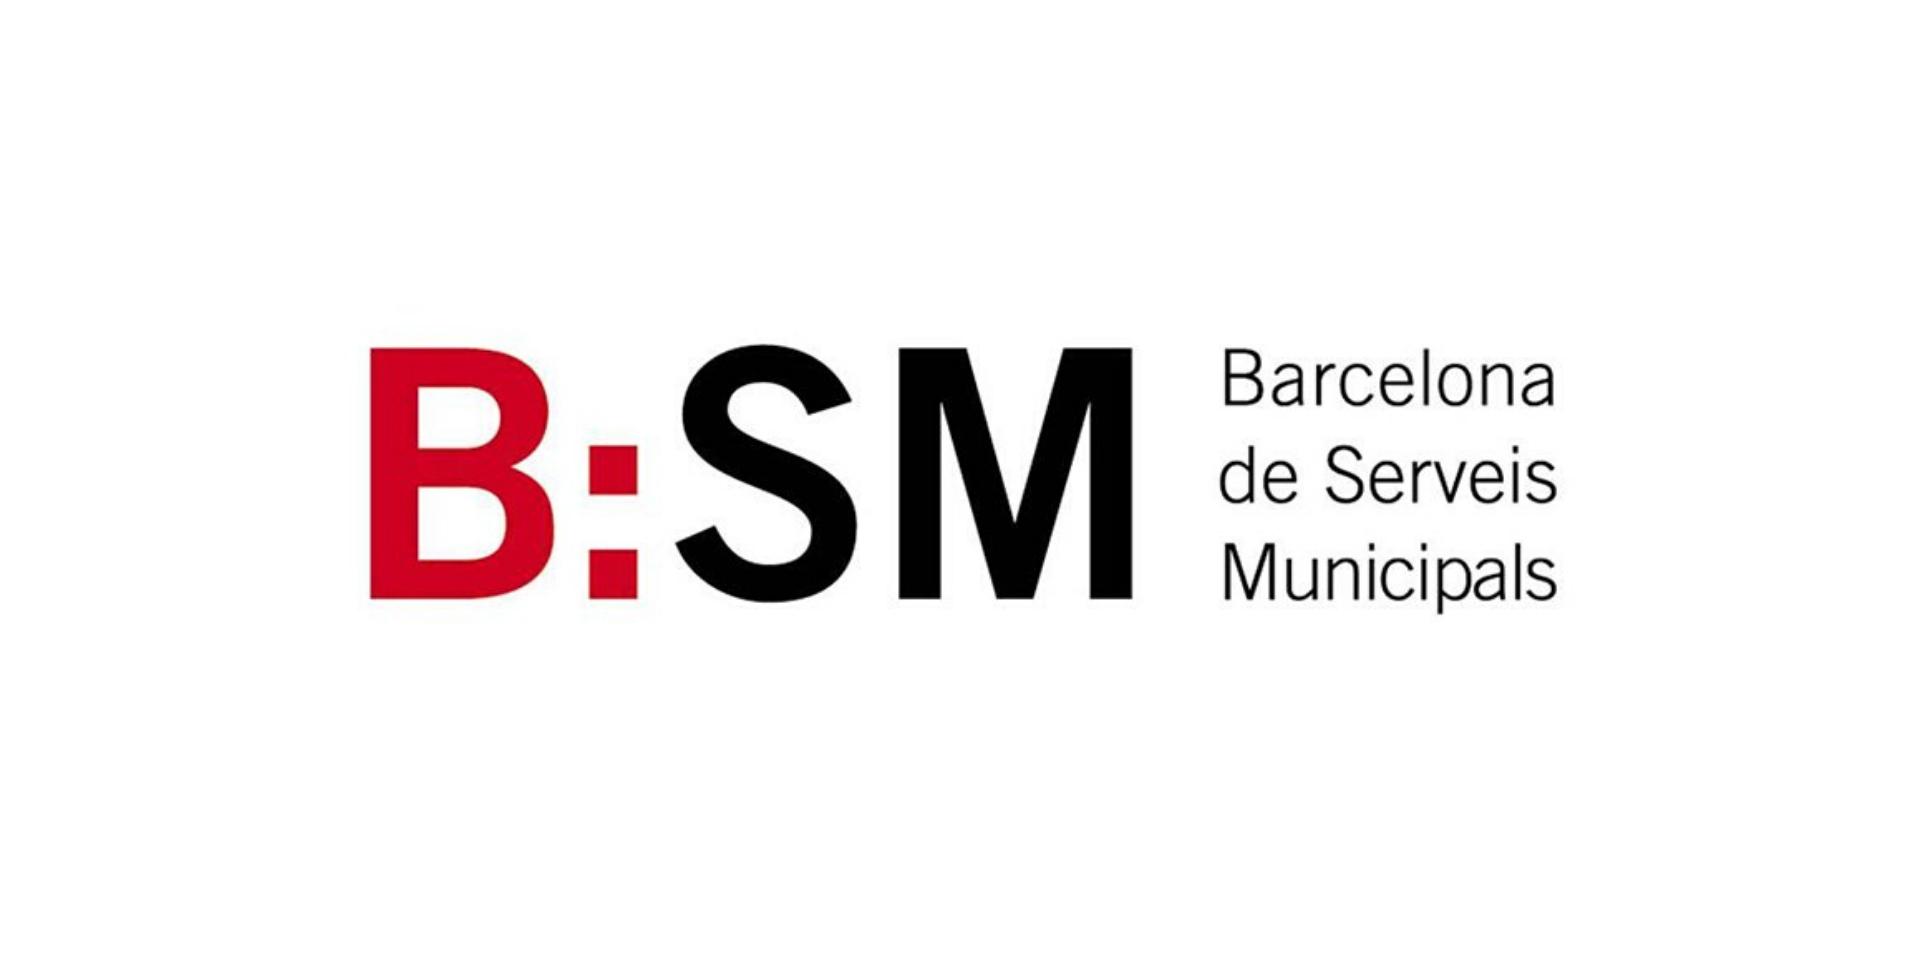 Barcelona Serveis Municipals BSM